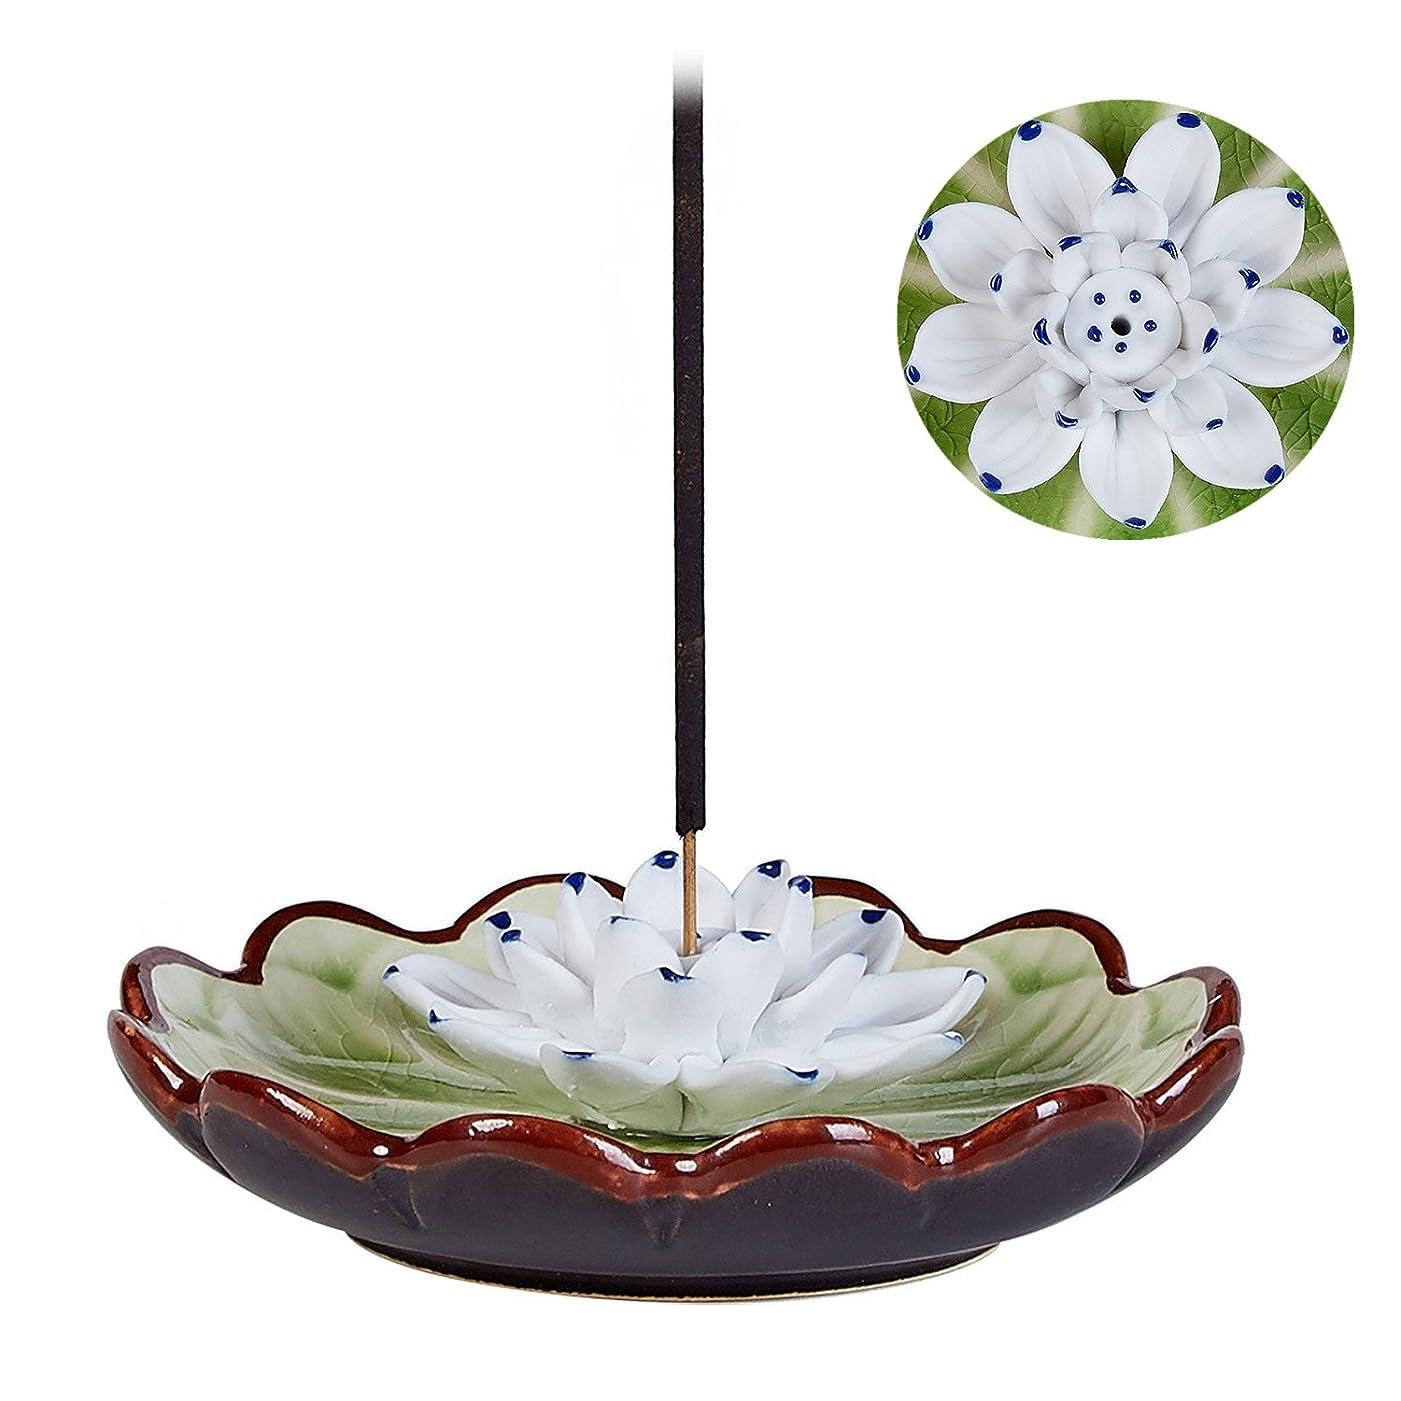 建設そうでなければゲインセイUoonお香スティックバーナーホルダー?–?ハンドメイドセラミックLotus Flower Incense Burner Bowl Ashキャッチャートレイプレート グリーン UOON-LotusF018